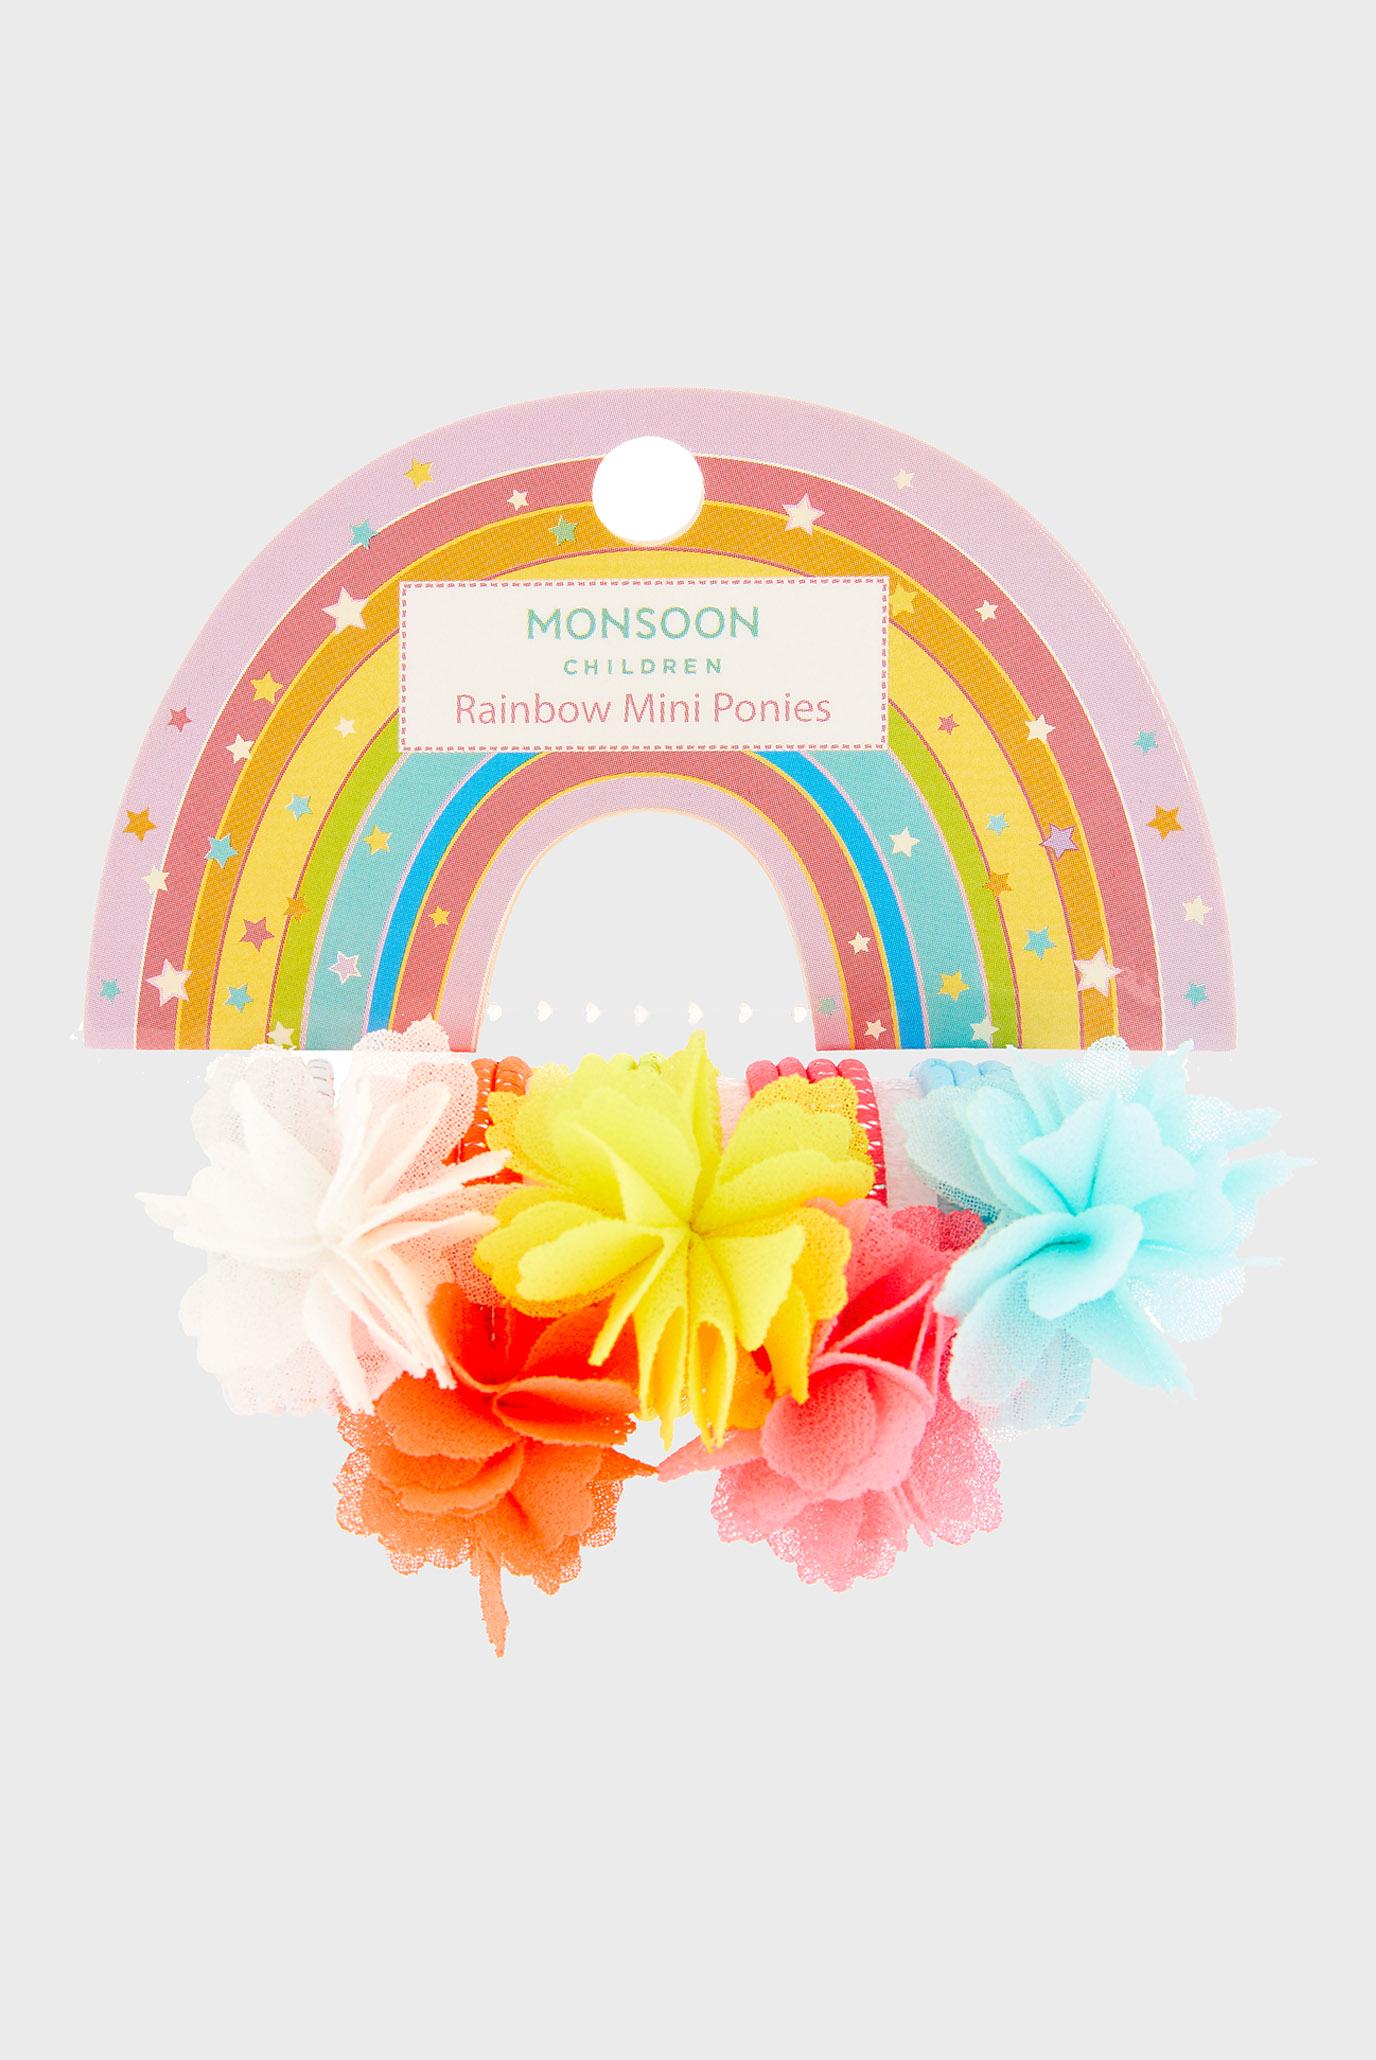 Купить Детская заколка для волос Rainbow Mini Pony  Monsoon Children Monsoon Children 710218 – Киев, Украина. Цены в интернет магазине MD Fashion